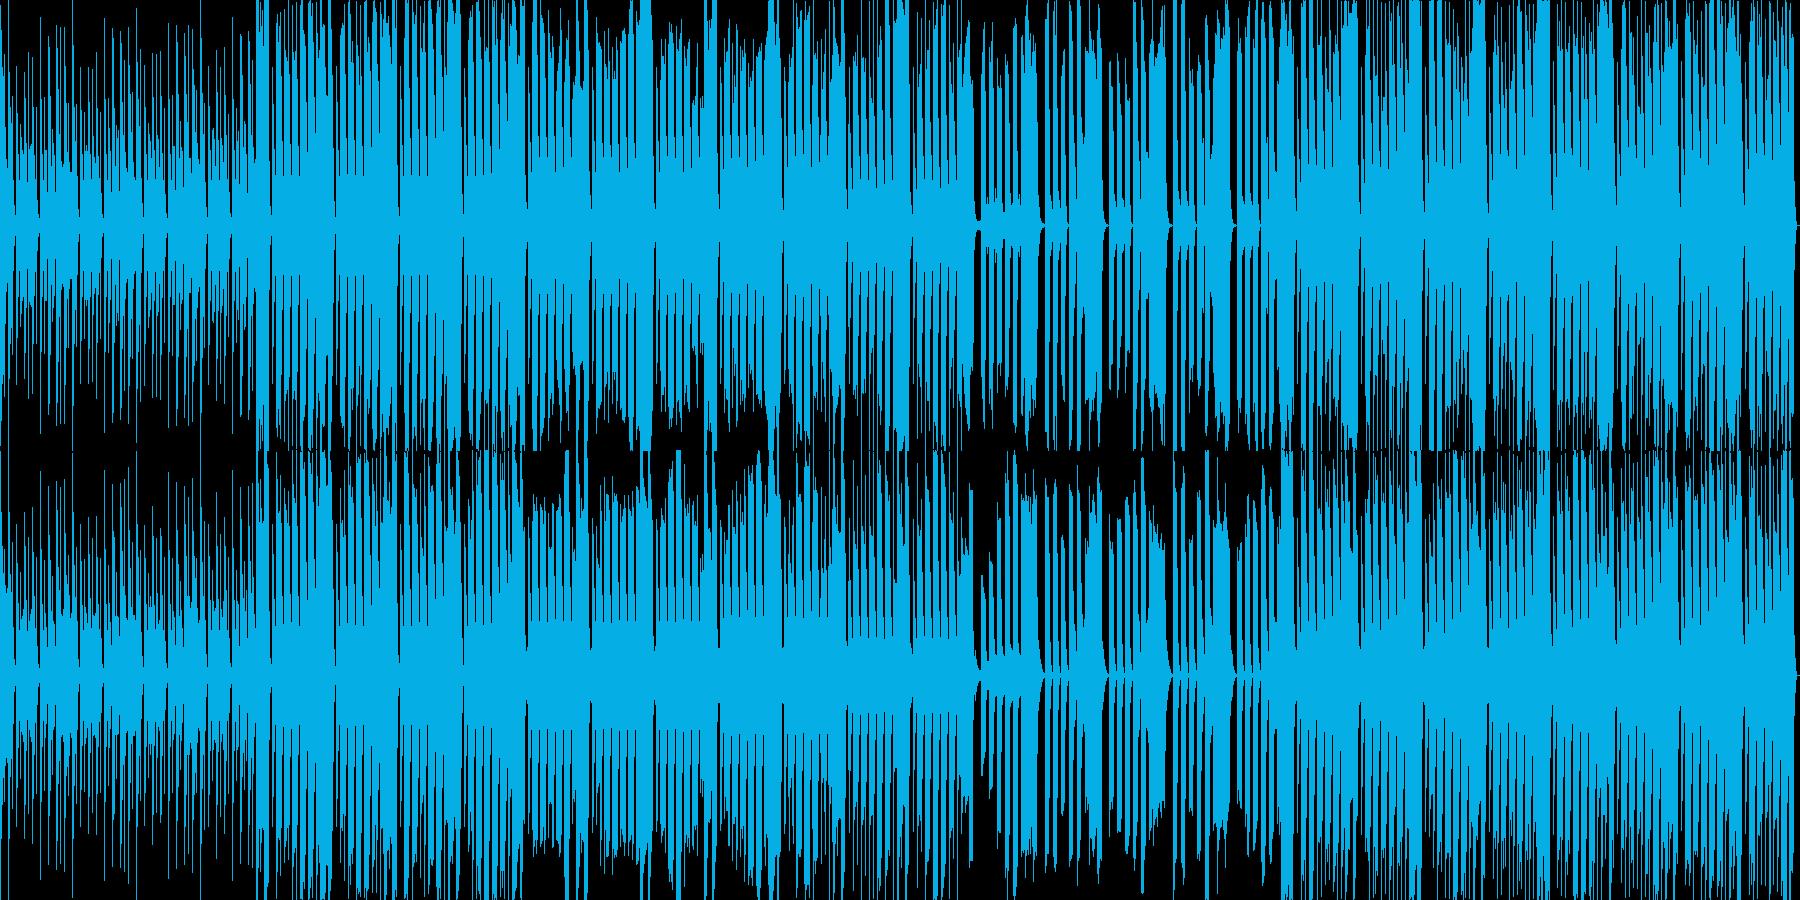 グルーヴ感が心地よいテクノの再生済みの波形